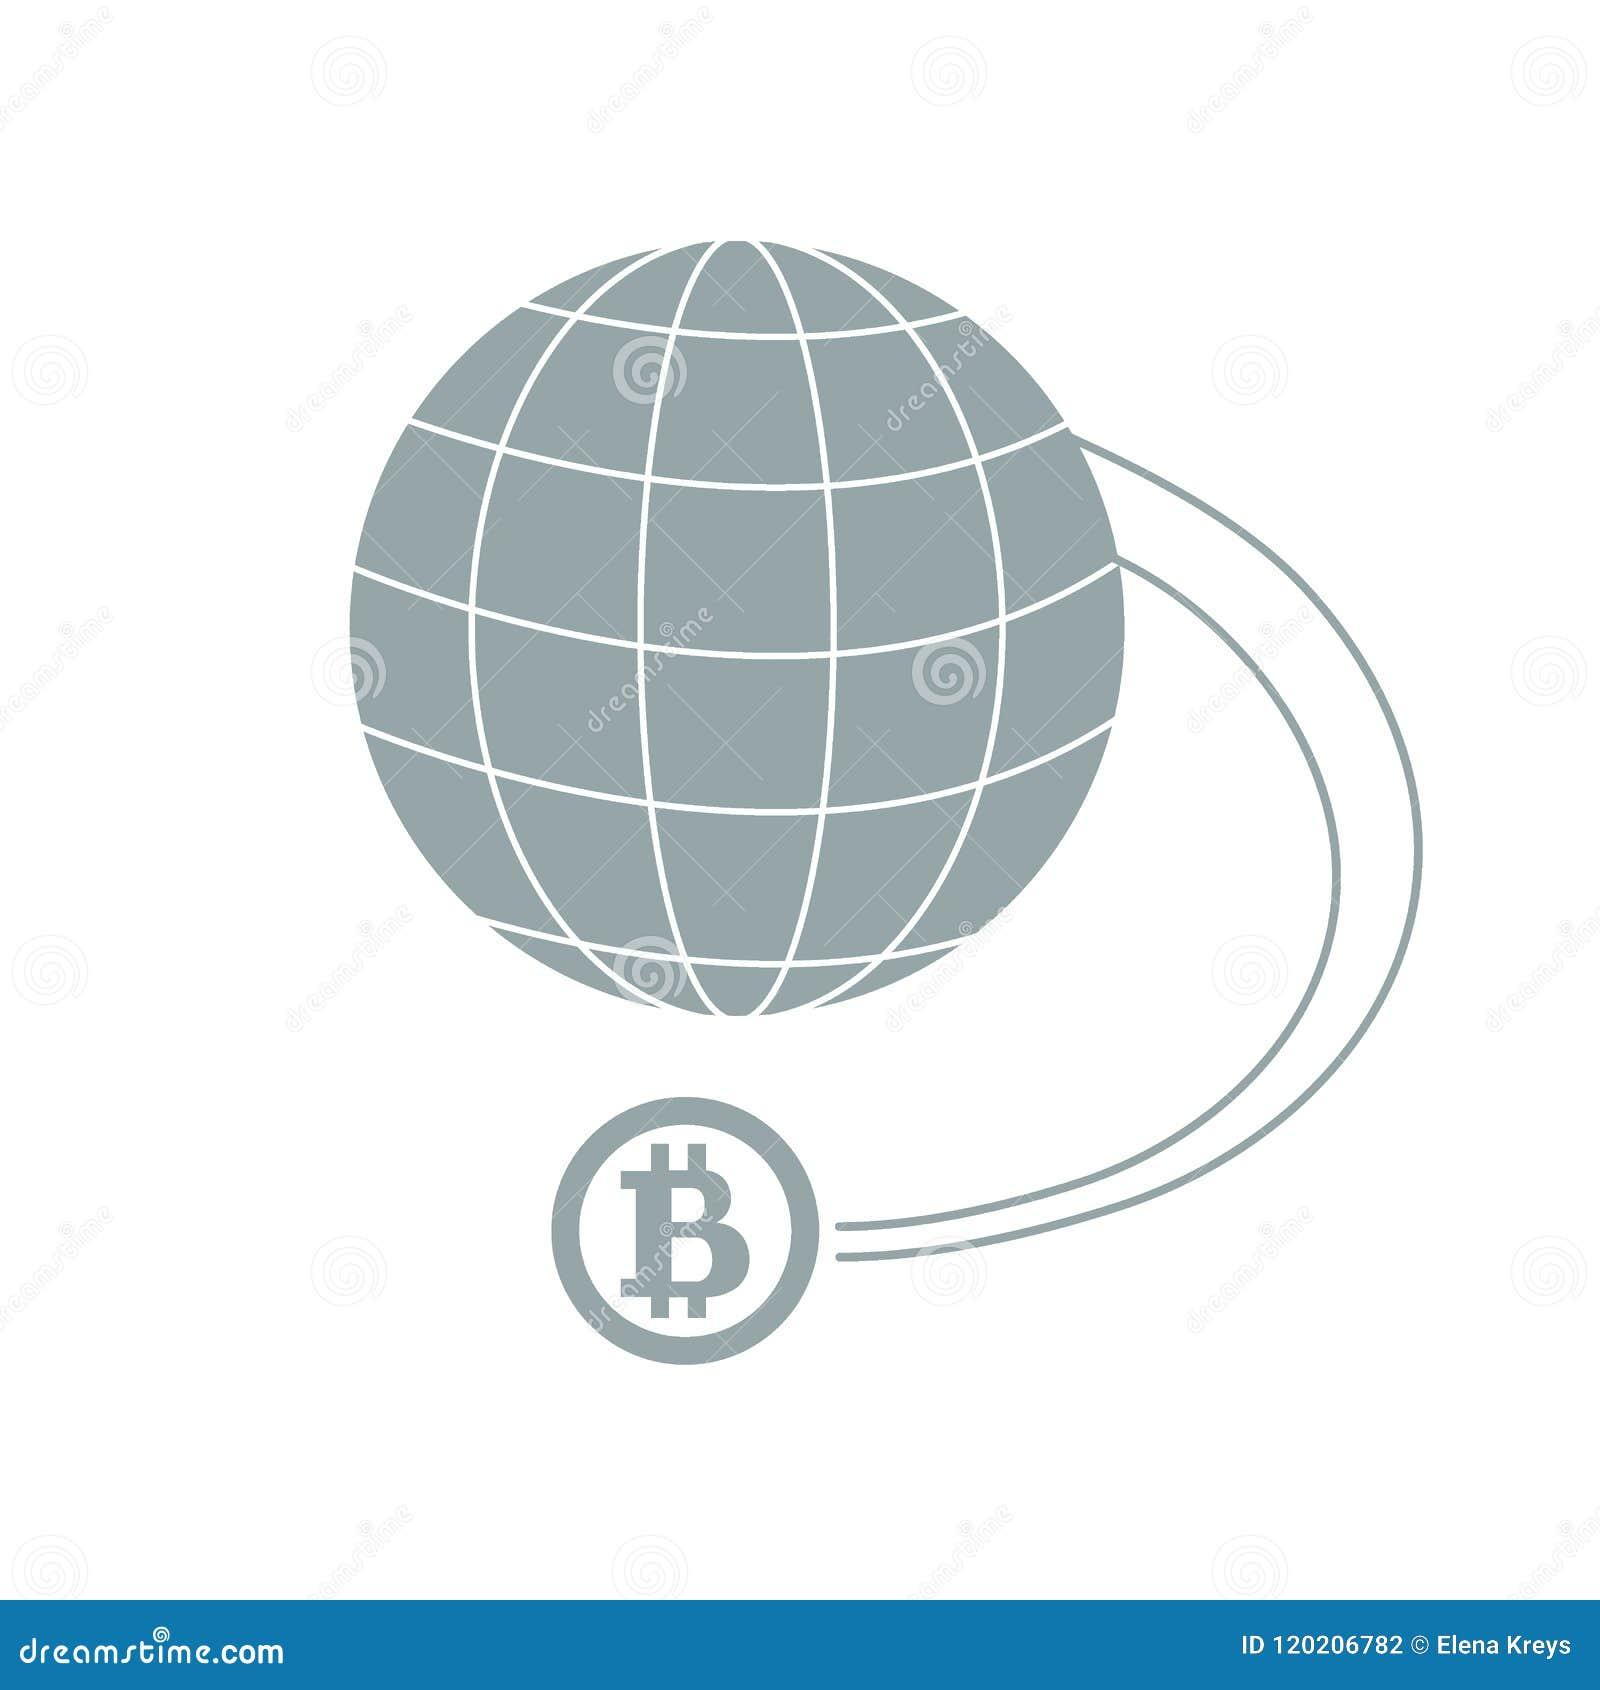 Stilisierte Ikone eines farbigen bitcoin als Mittel Zahlungsgeschwindigkeit w